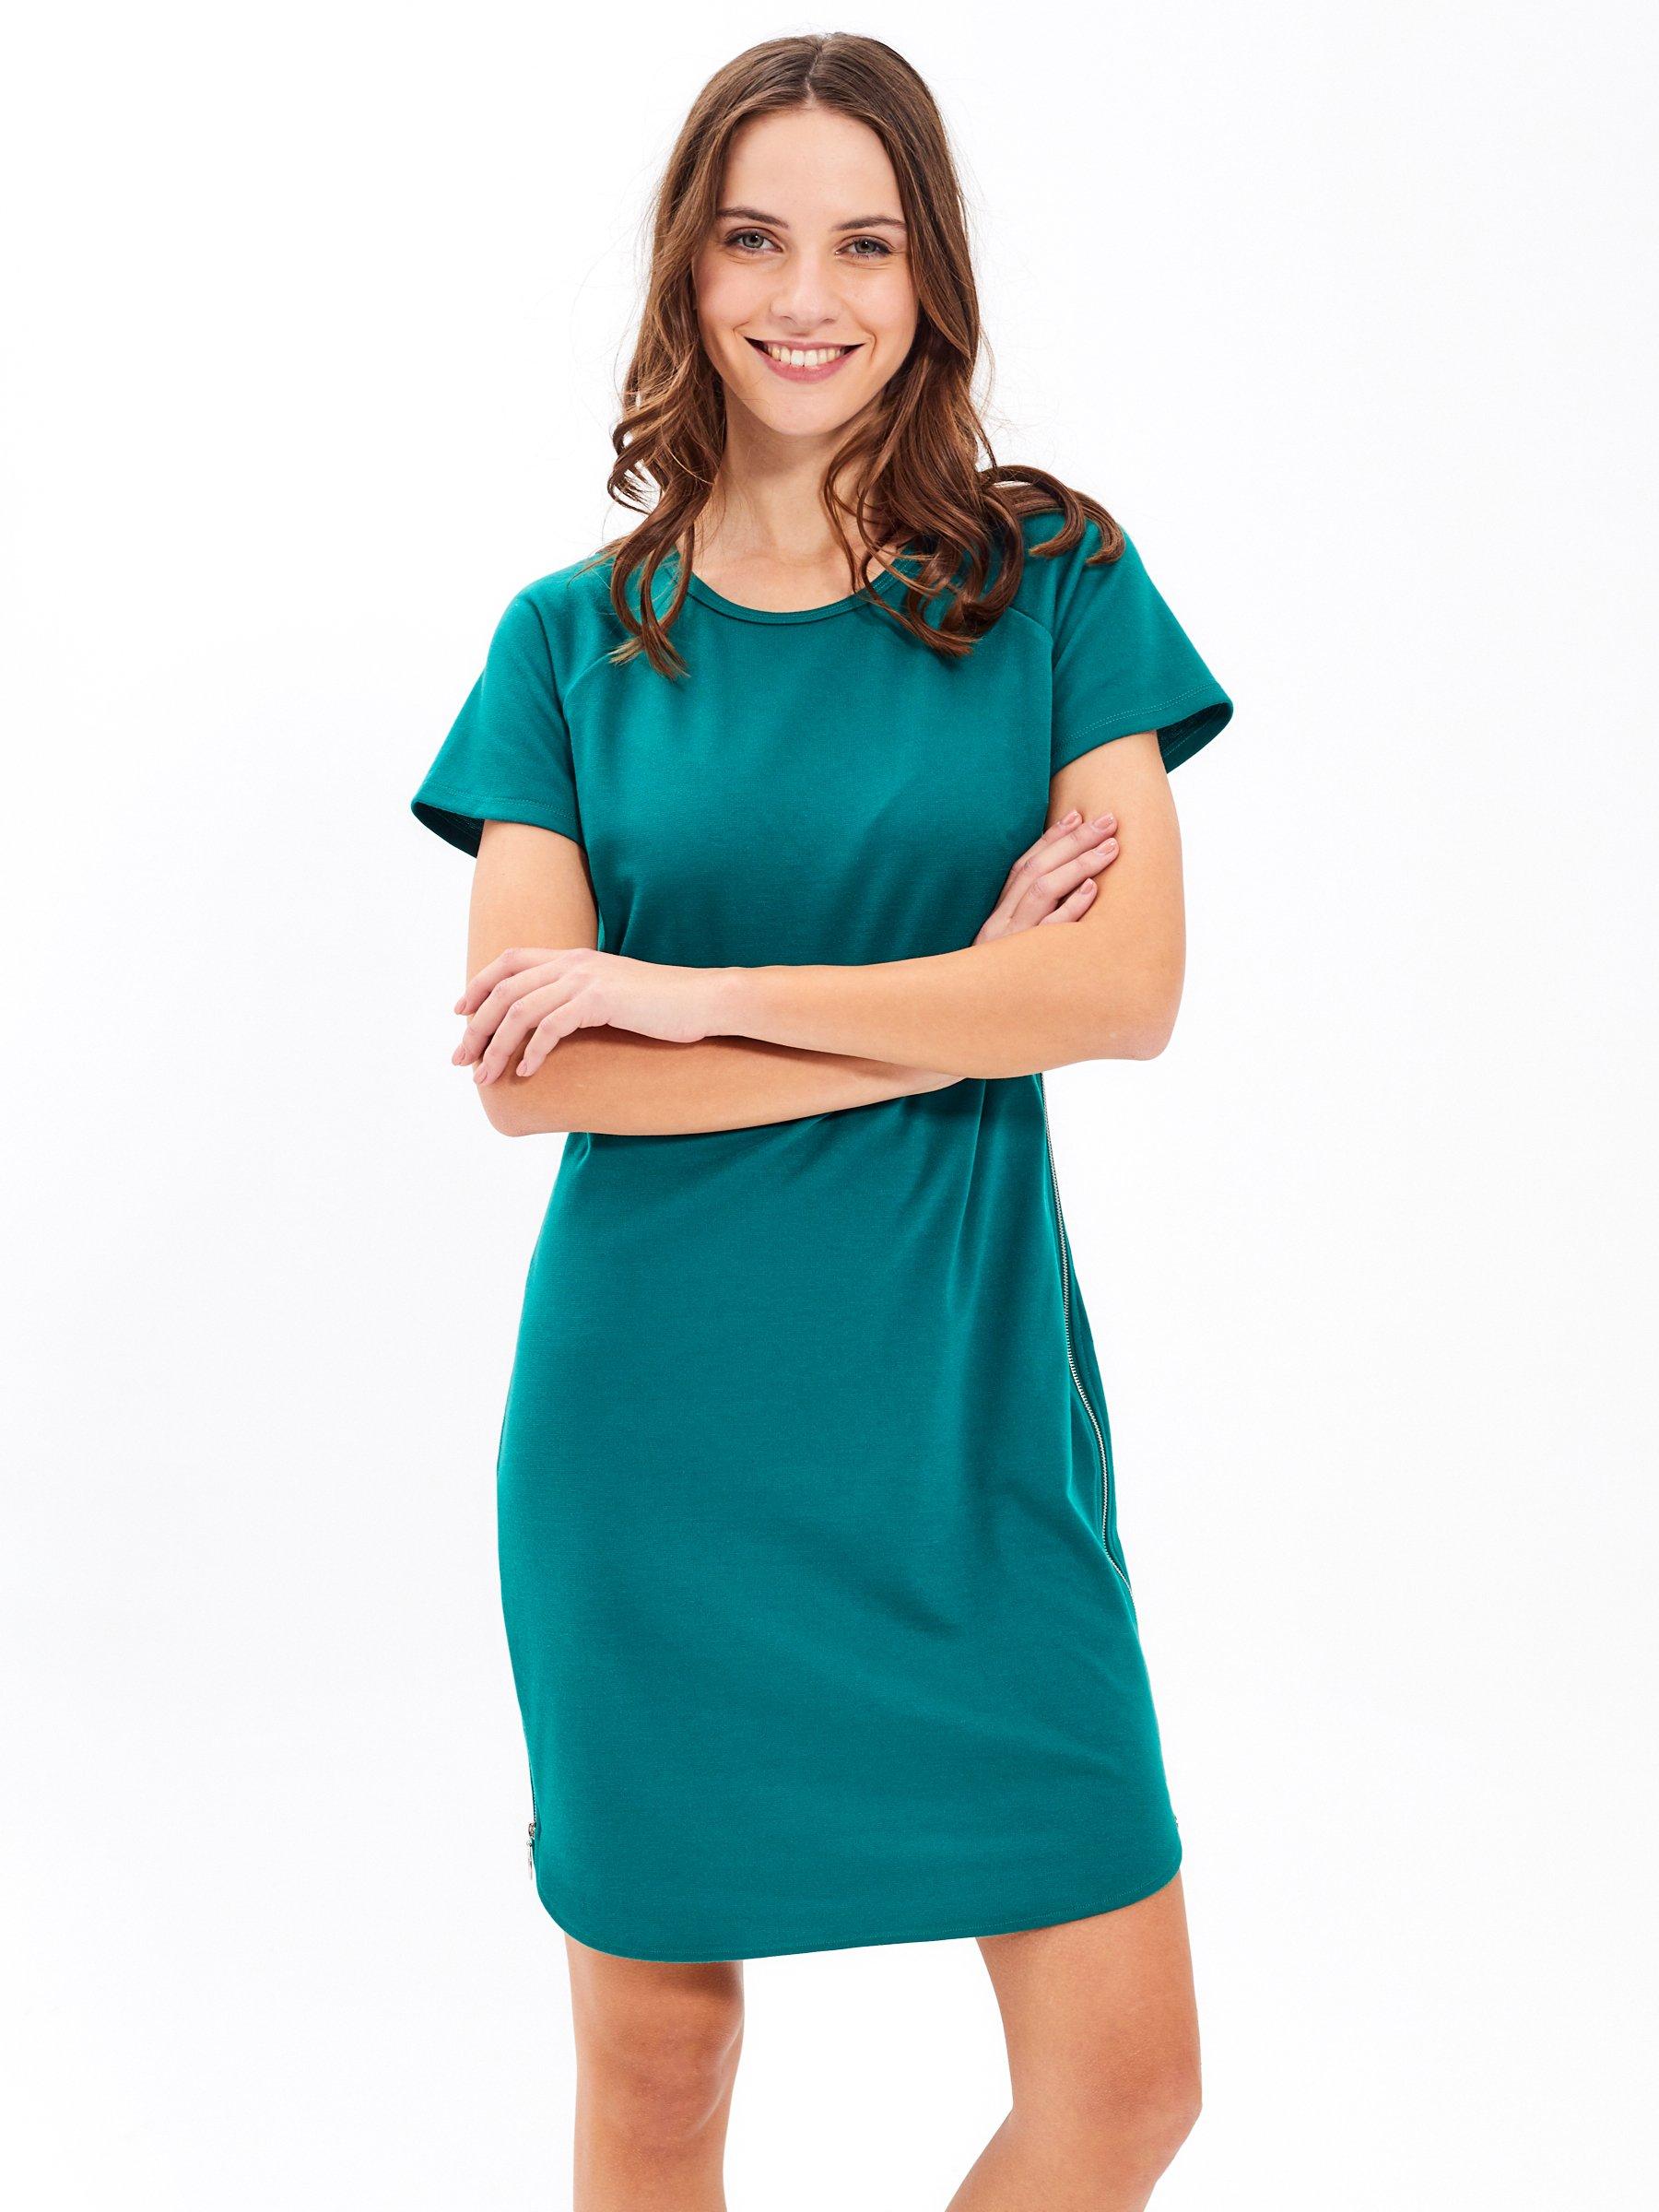 Tričkové šaty s bočním zipem  7a601162b5c